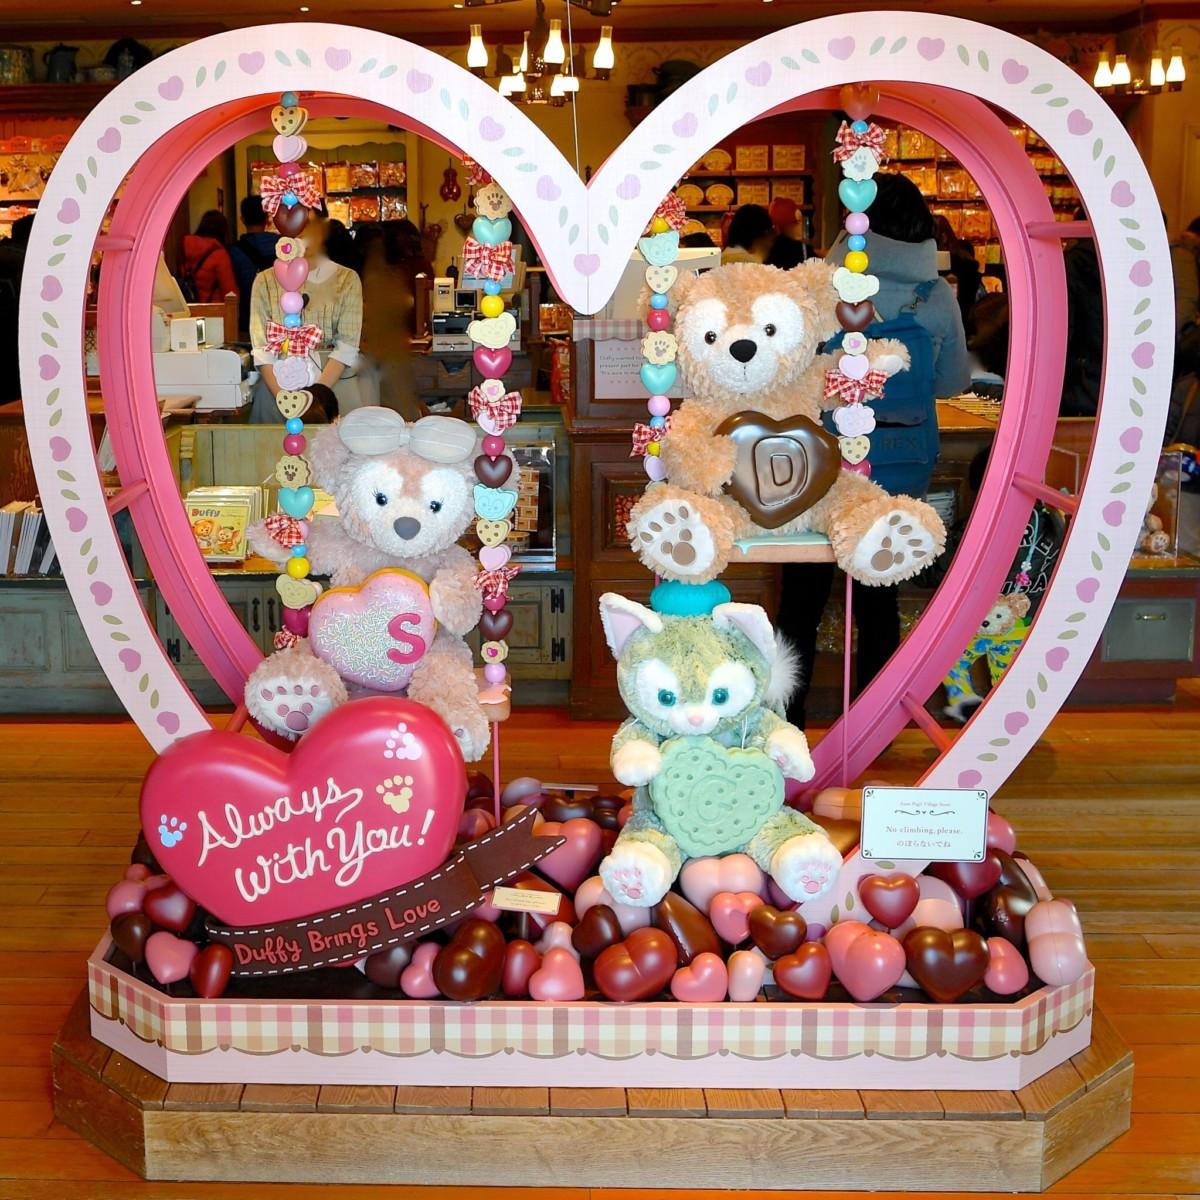 東京ディズニーシー2018早春「ダッフィーのハートウォーミング・デイズ」